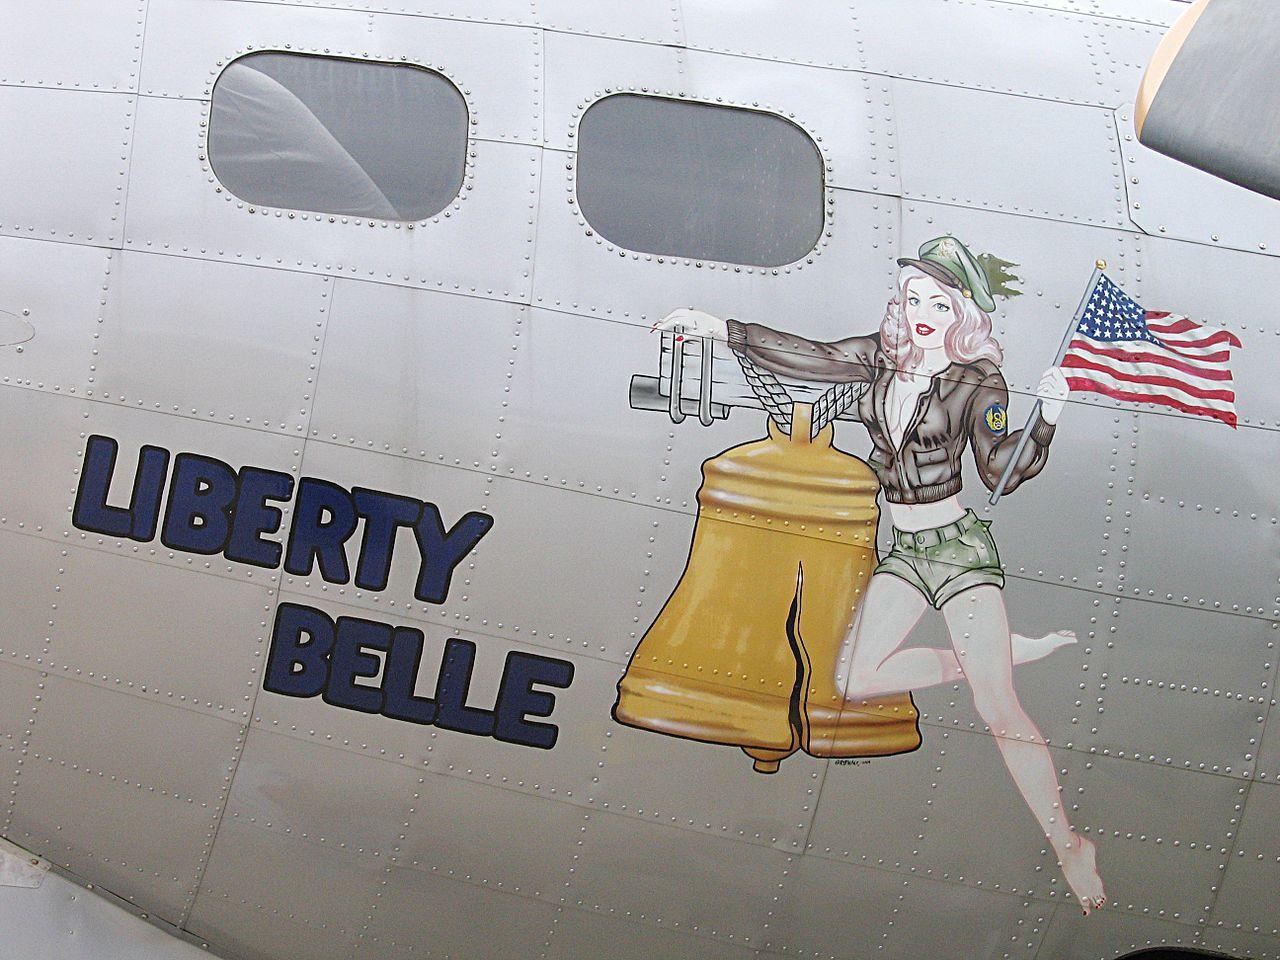 Liberty Belle Nose art, Art, Airplane art